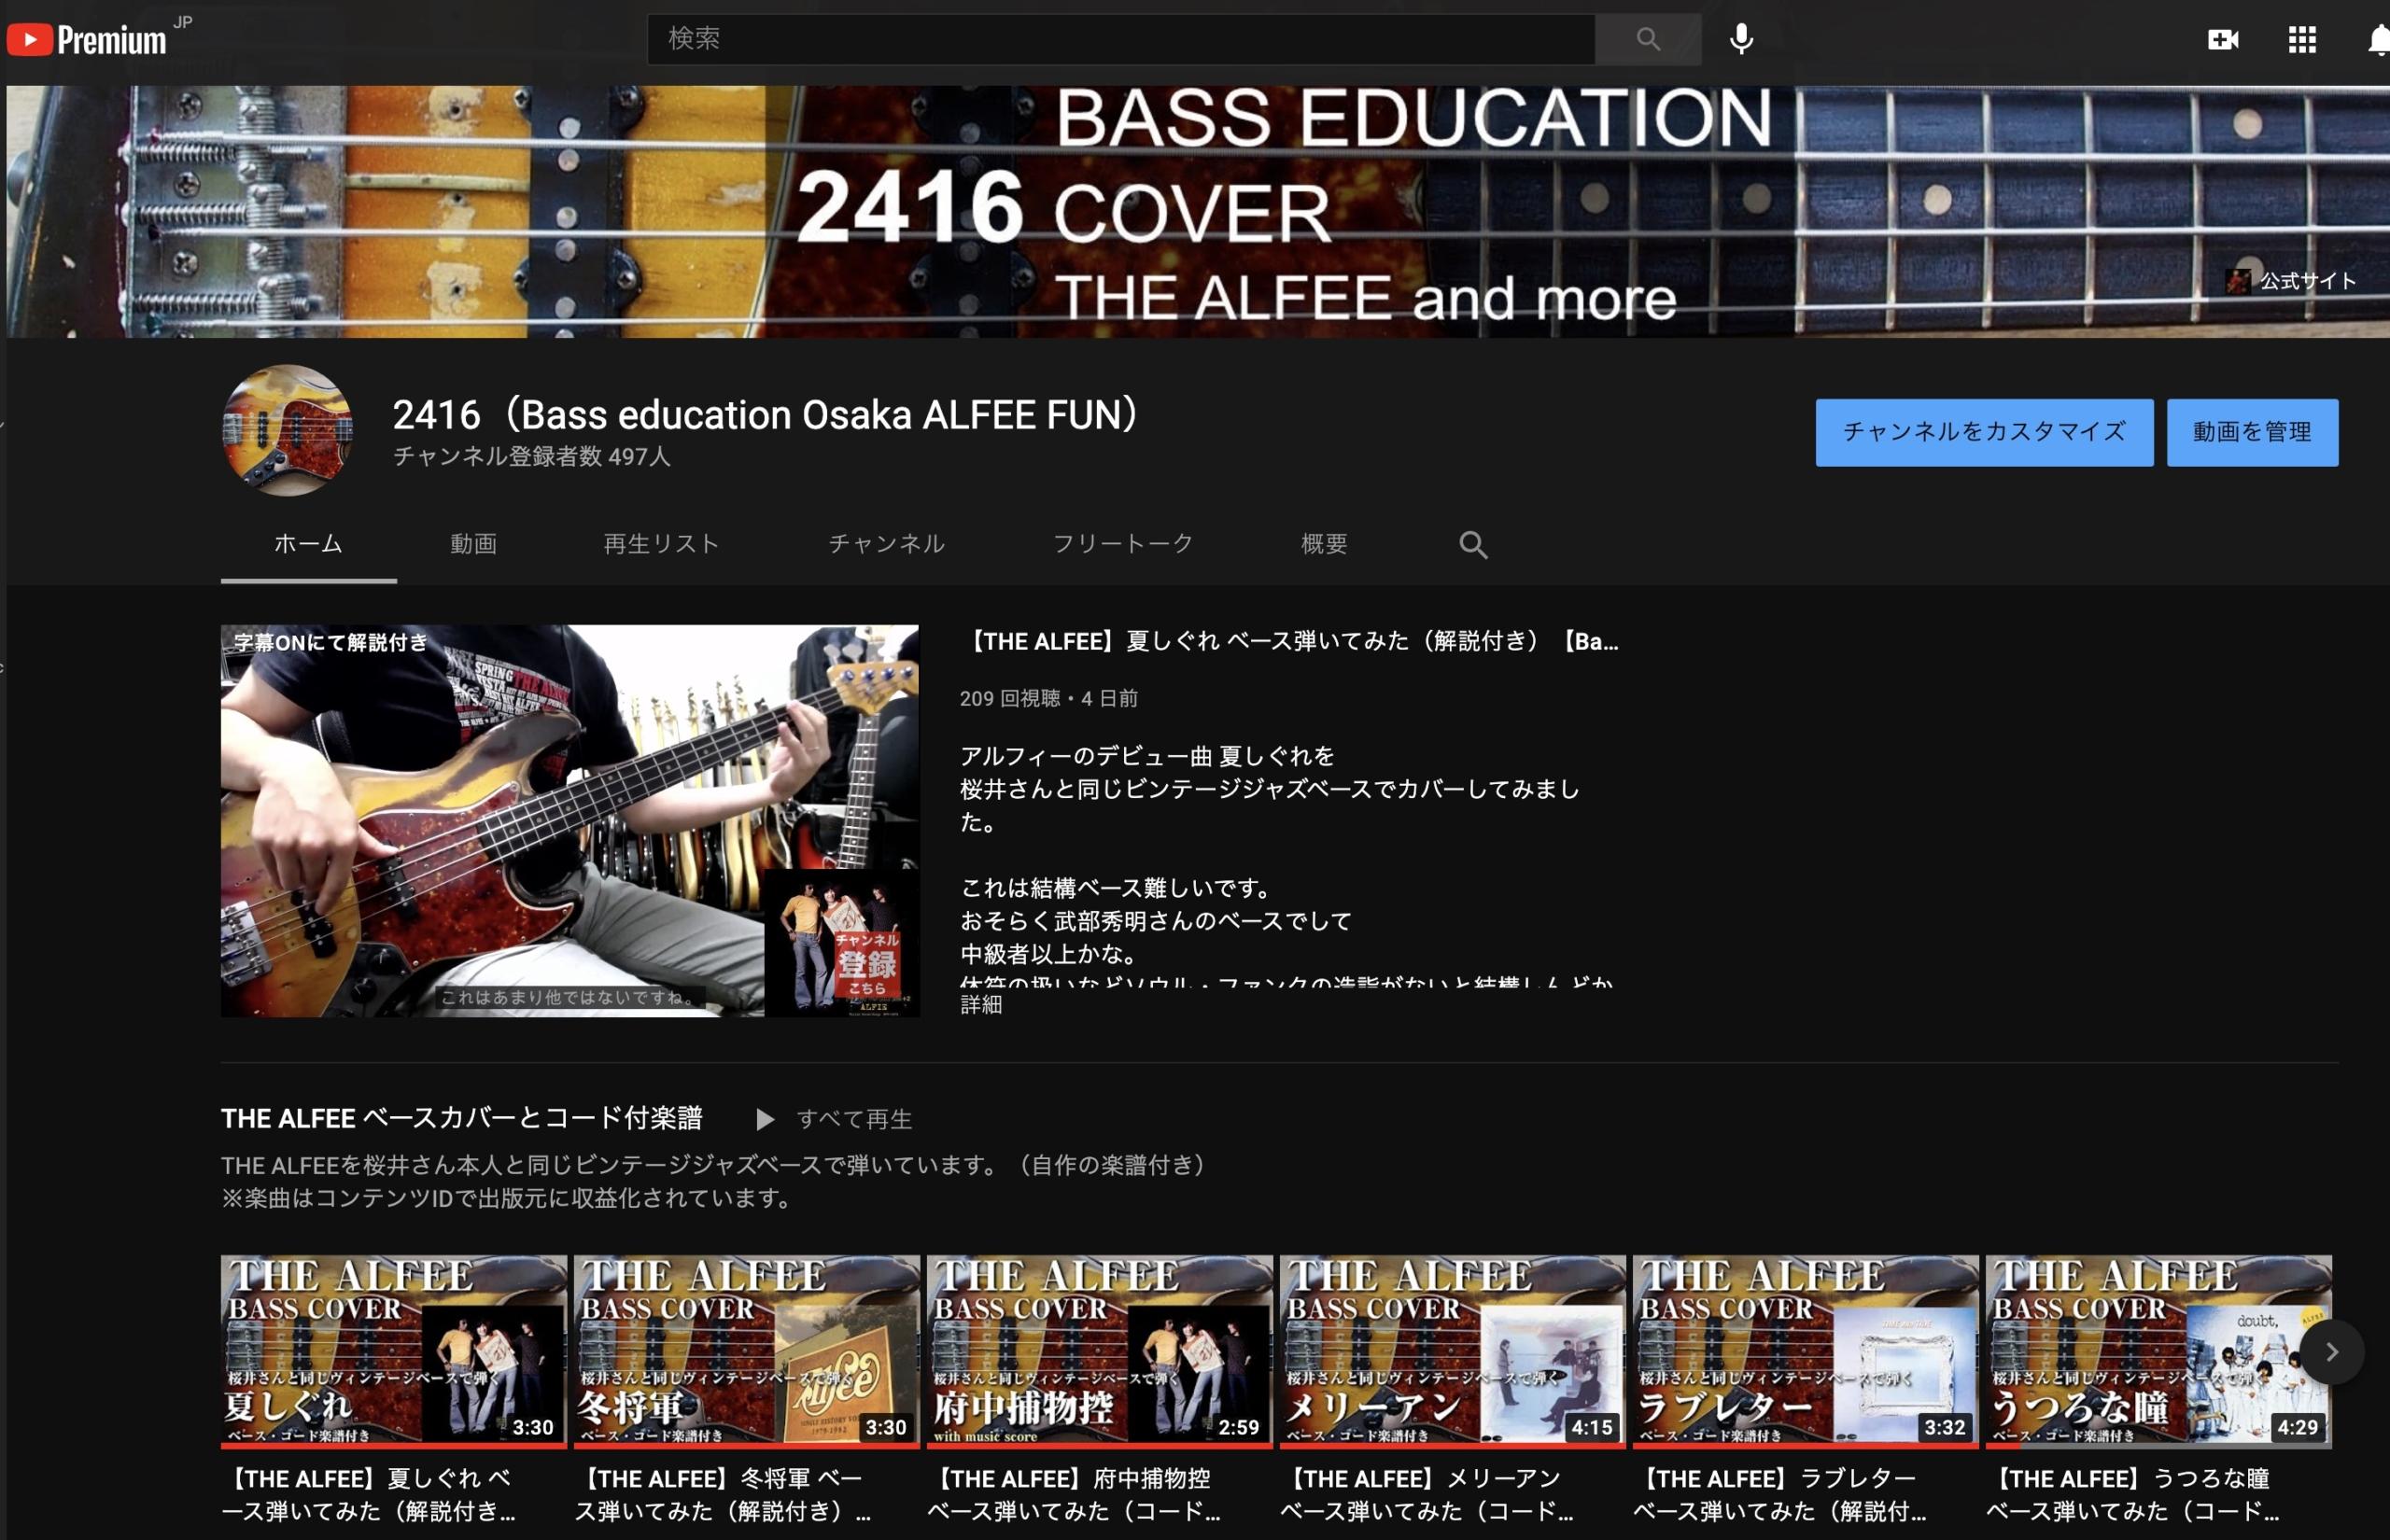 THE ALFEE 桜井さんと同じベースで弾いてみた(Bass cover:楽譜リンク付き)Youtube公開中です。